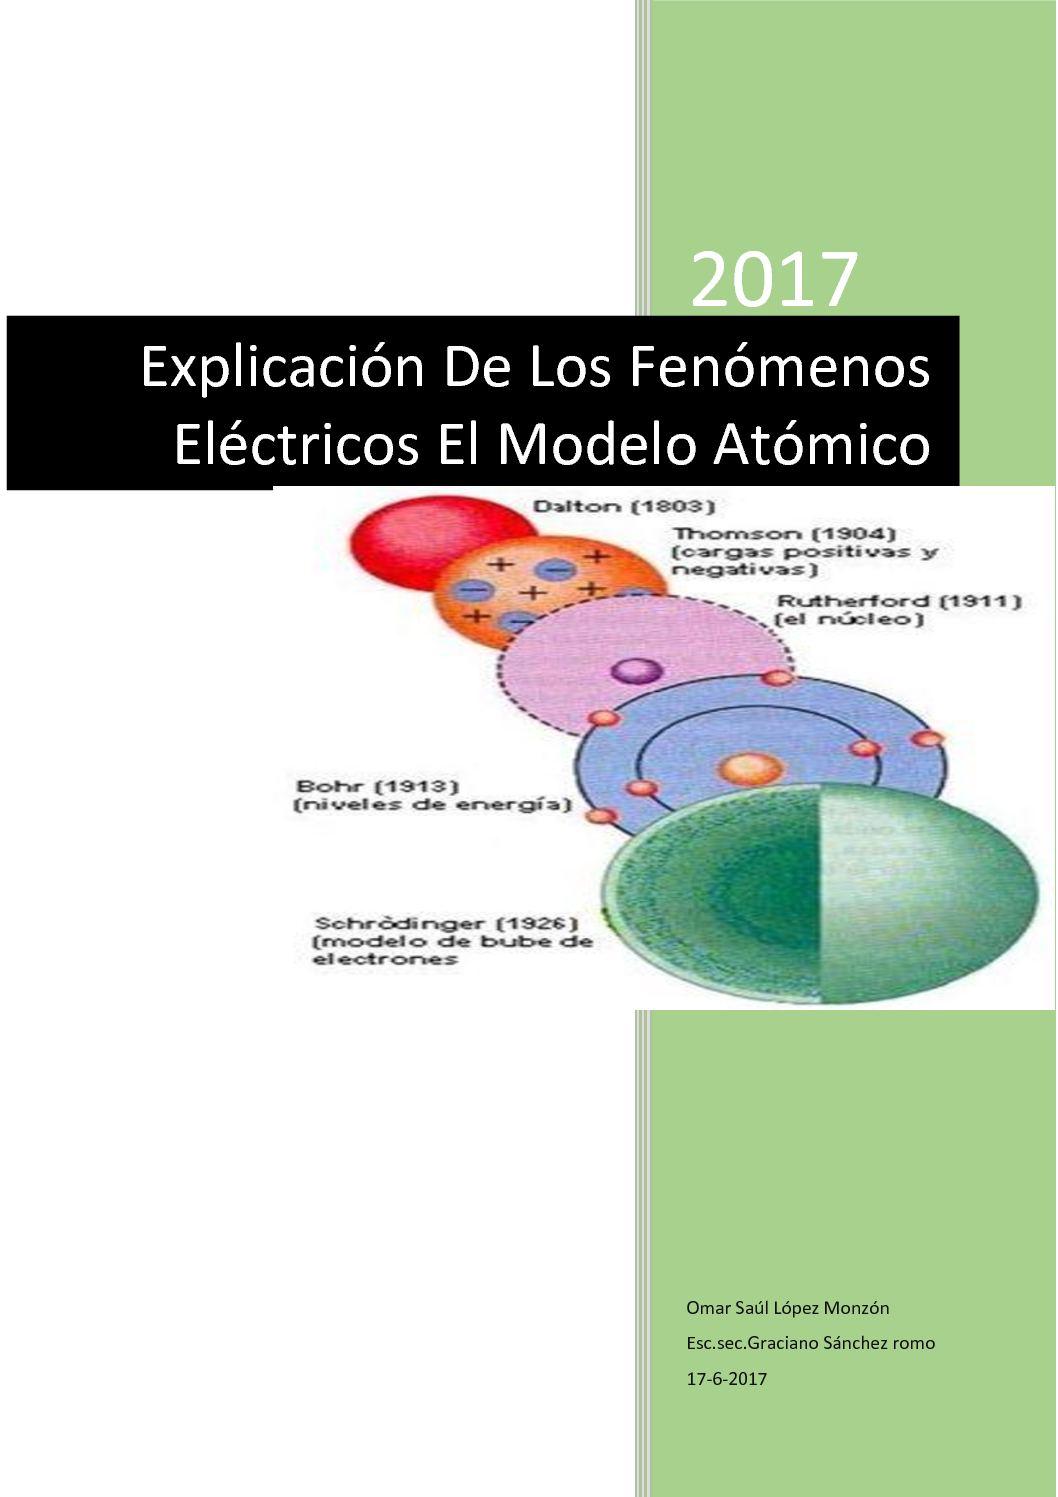 Calaméo Explicación De Los Fenómenos Eléctricos El Modelo